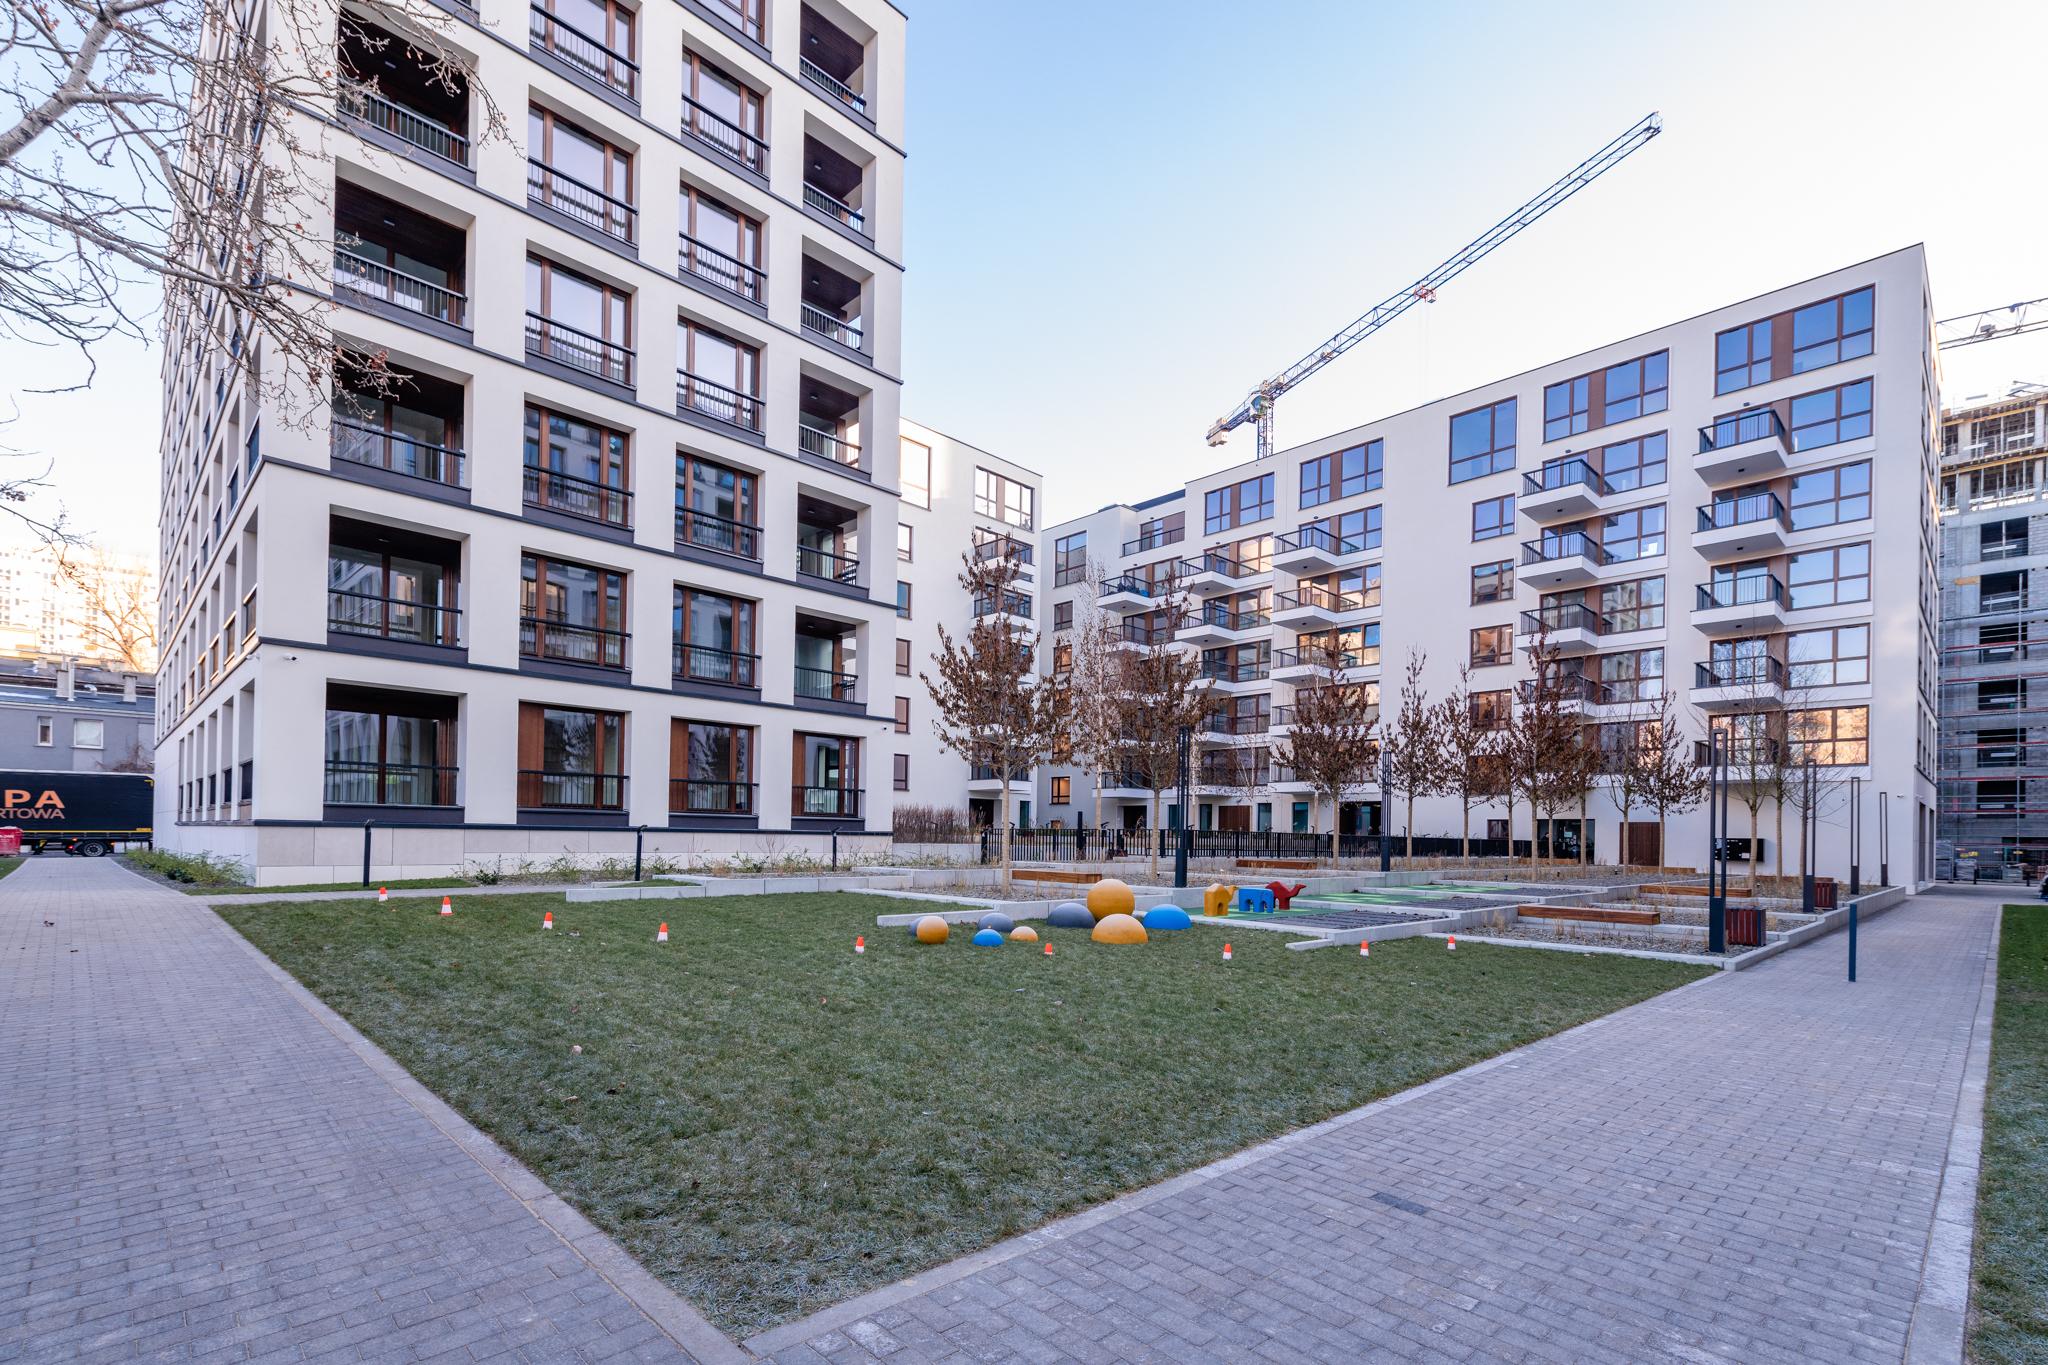 Browary Warszawskie – koniec pierwszego etapu mieszkaniowego realizowanego przezEiffage